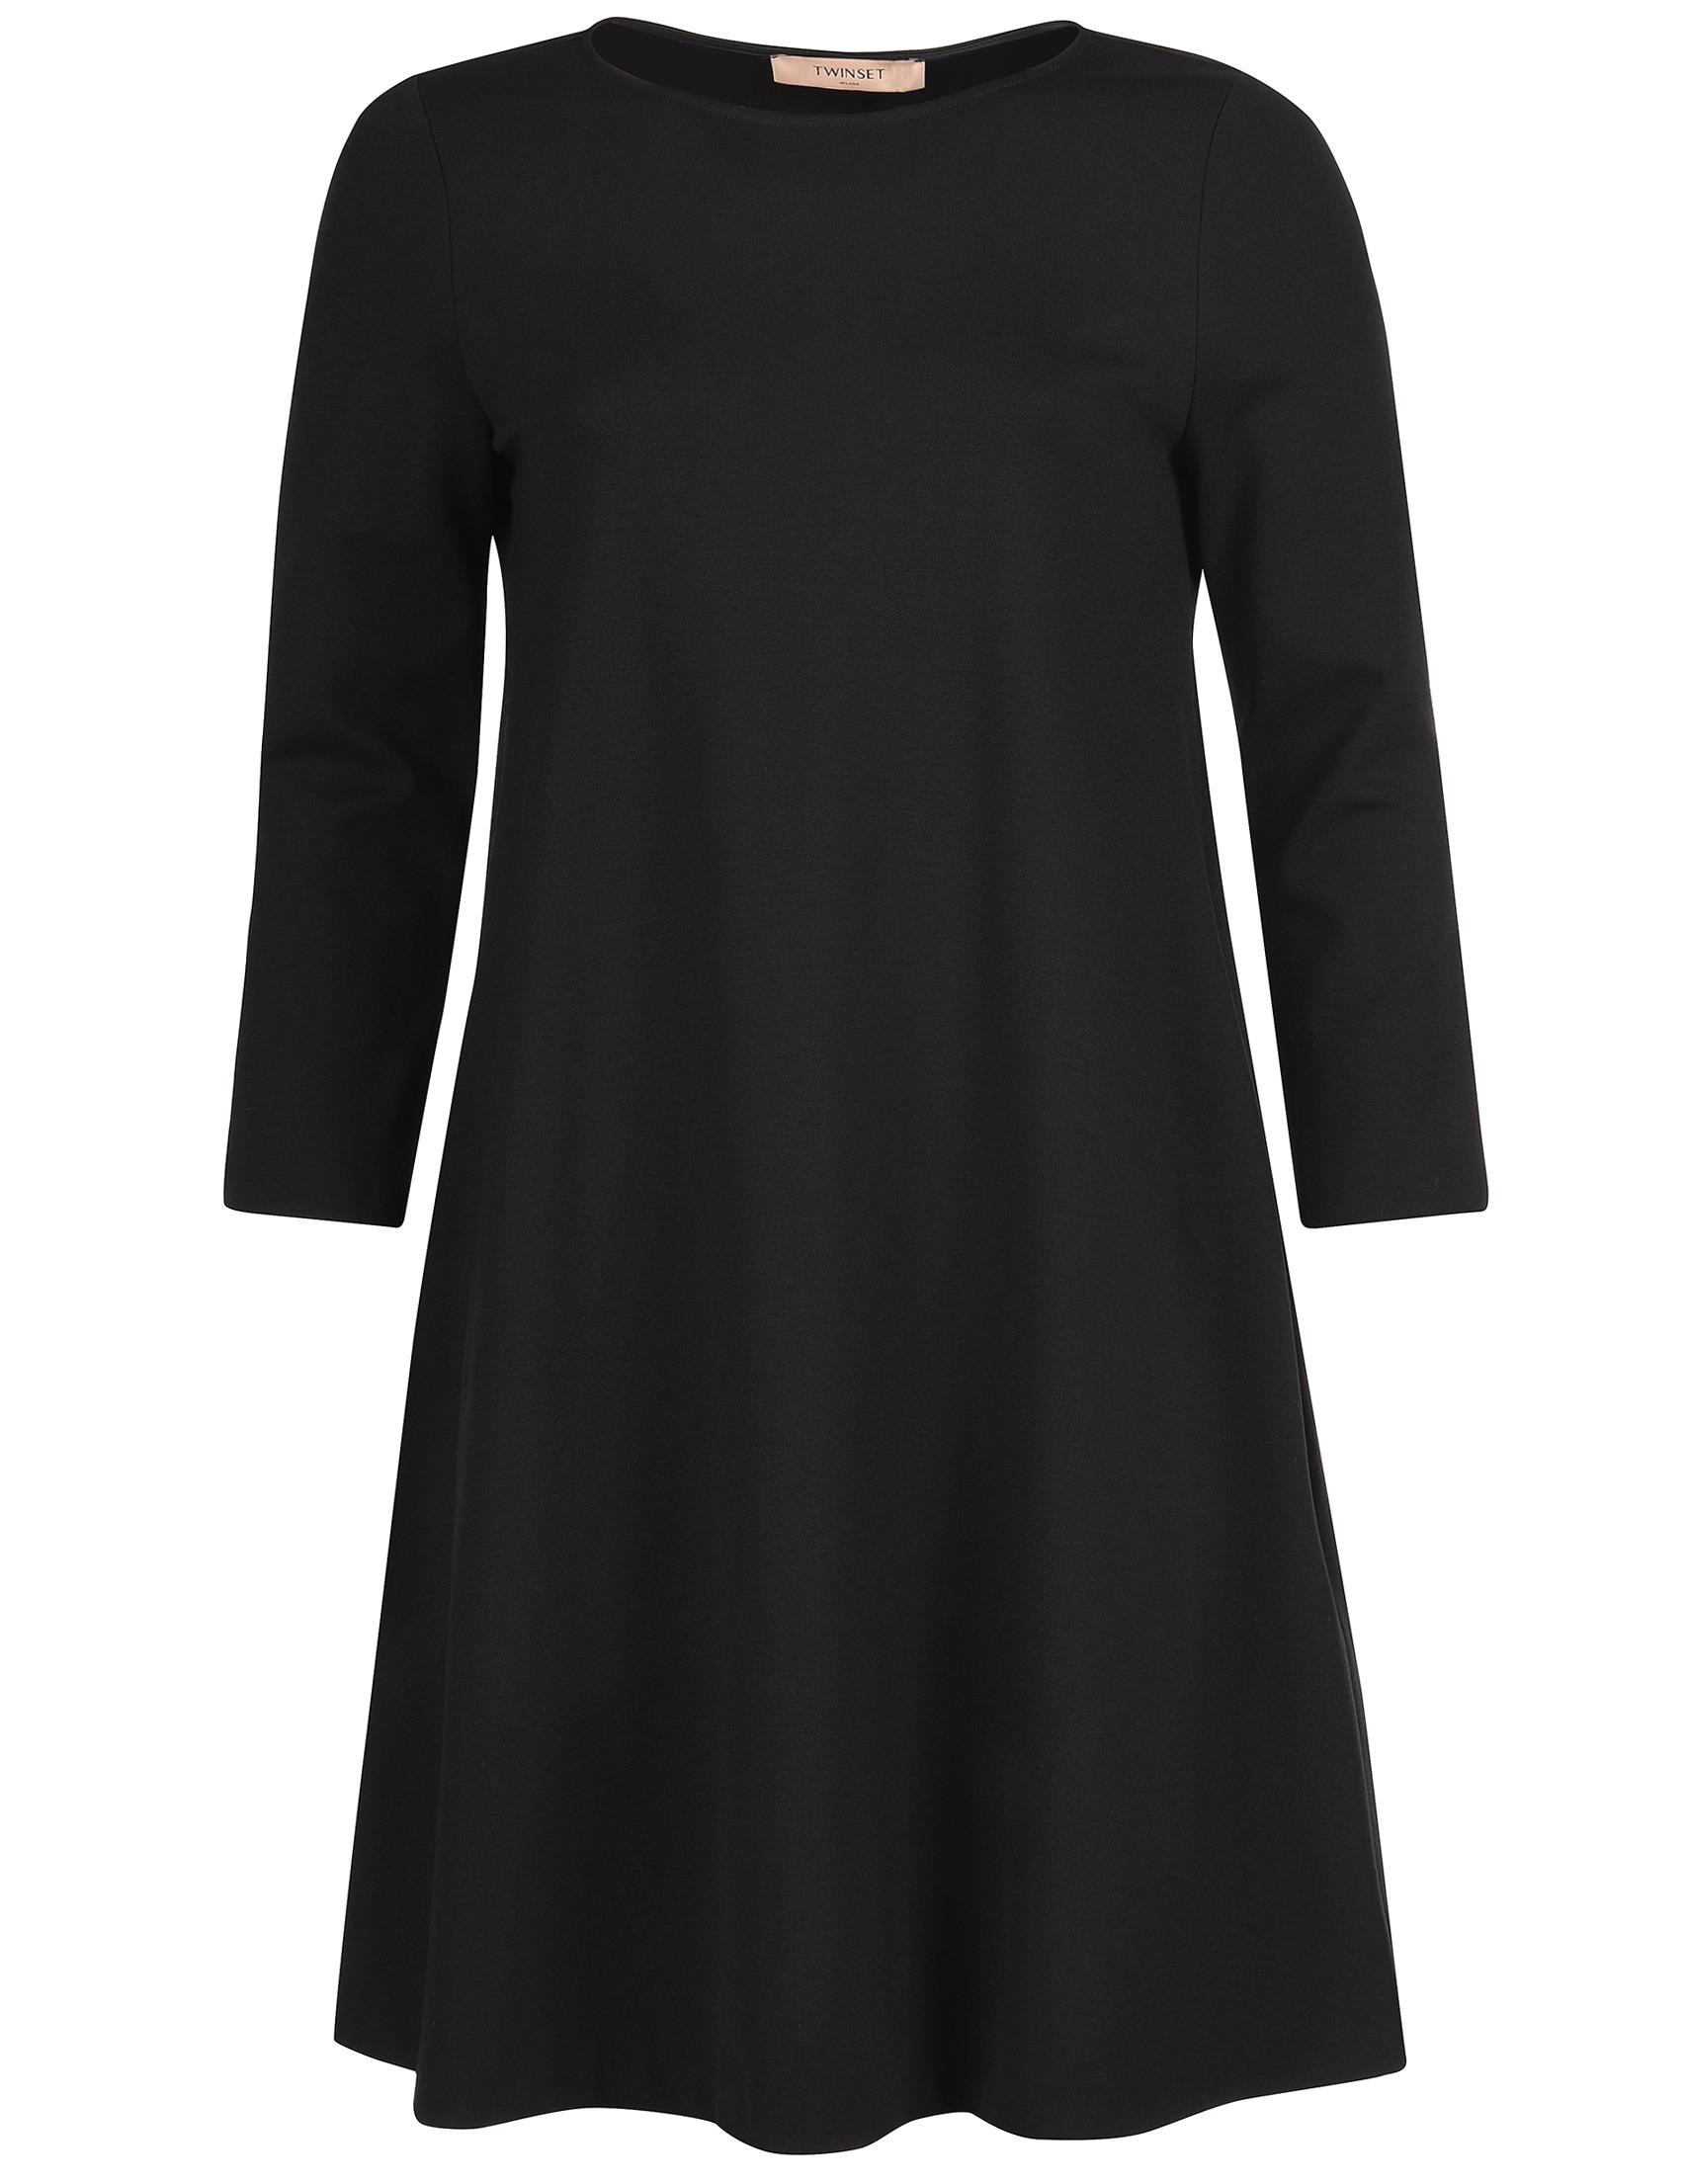 Купить Платье, TWIN-SET, Черный, 68%Вискоза 27%Полиамид 5%Эластан, Осень-Зима